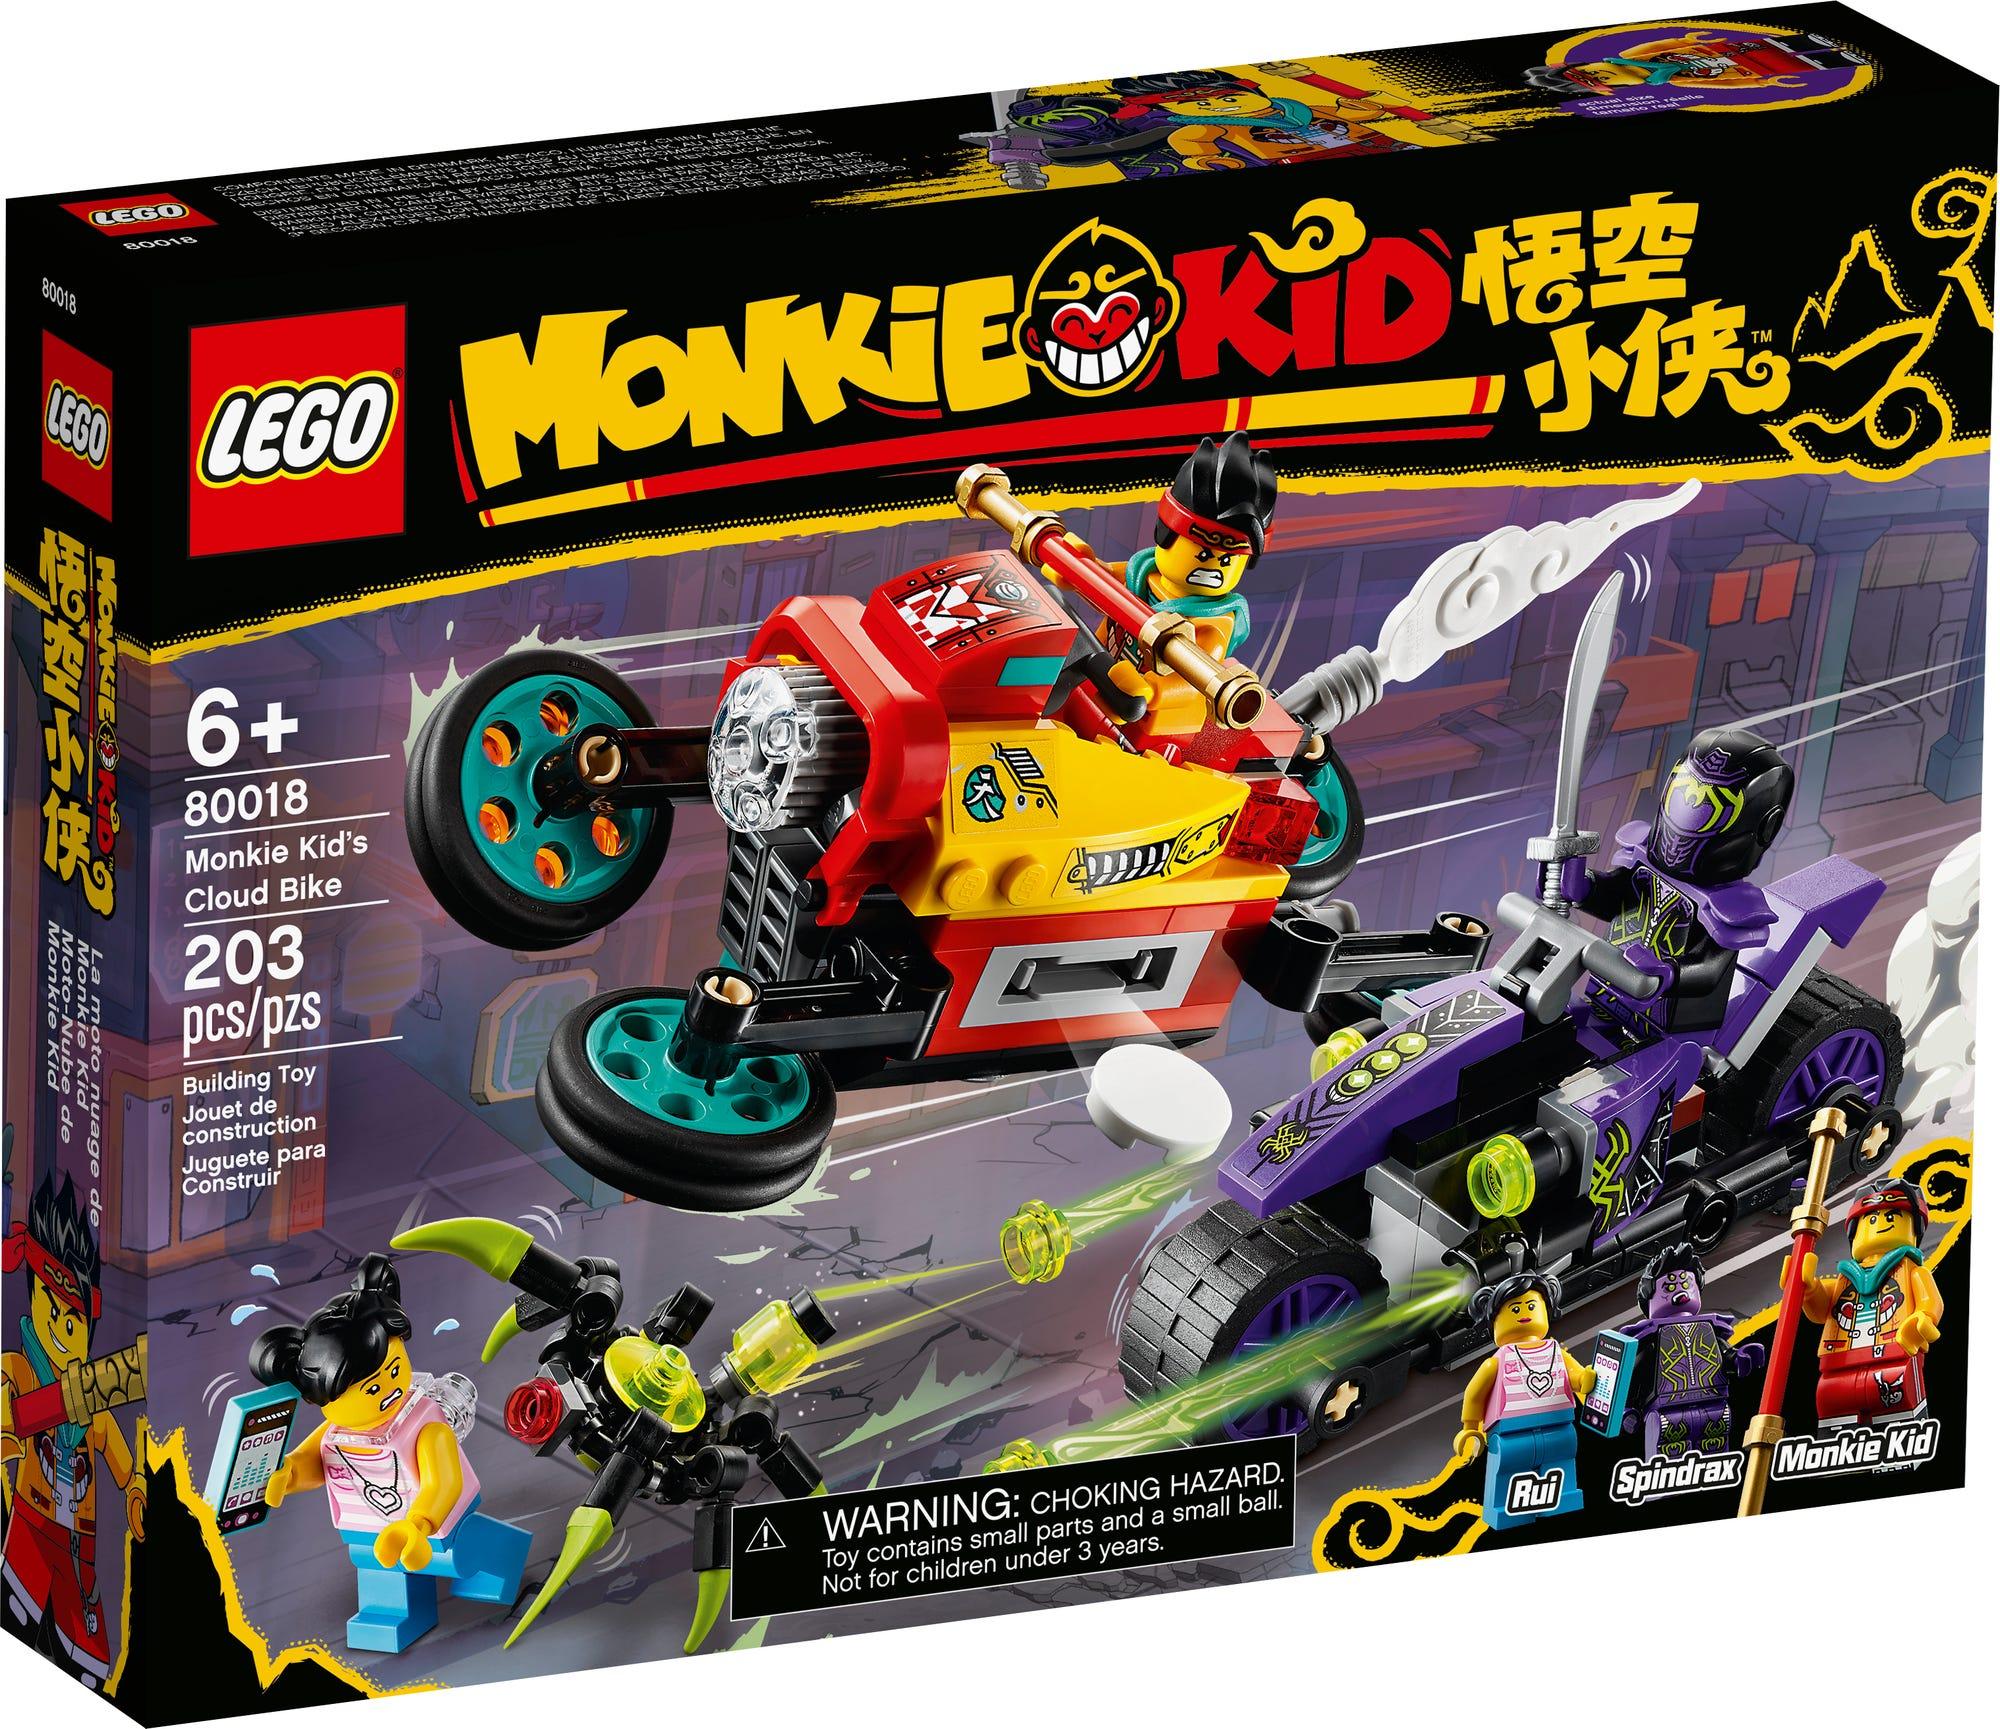 LEGO Monkie Kid 80018 Monkie Kids Wolken Bike 2